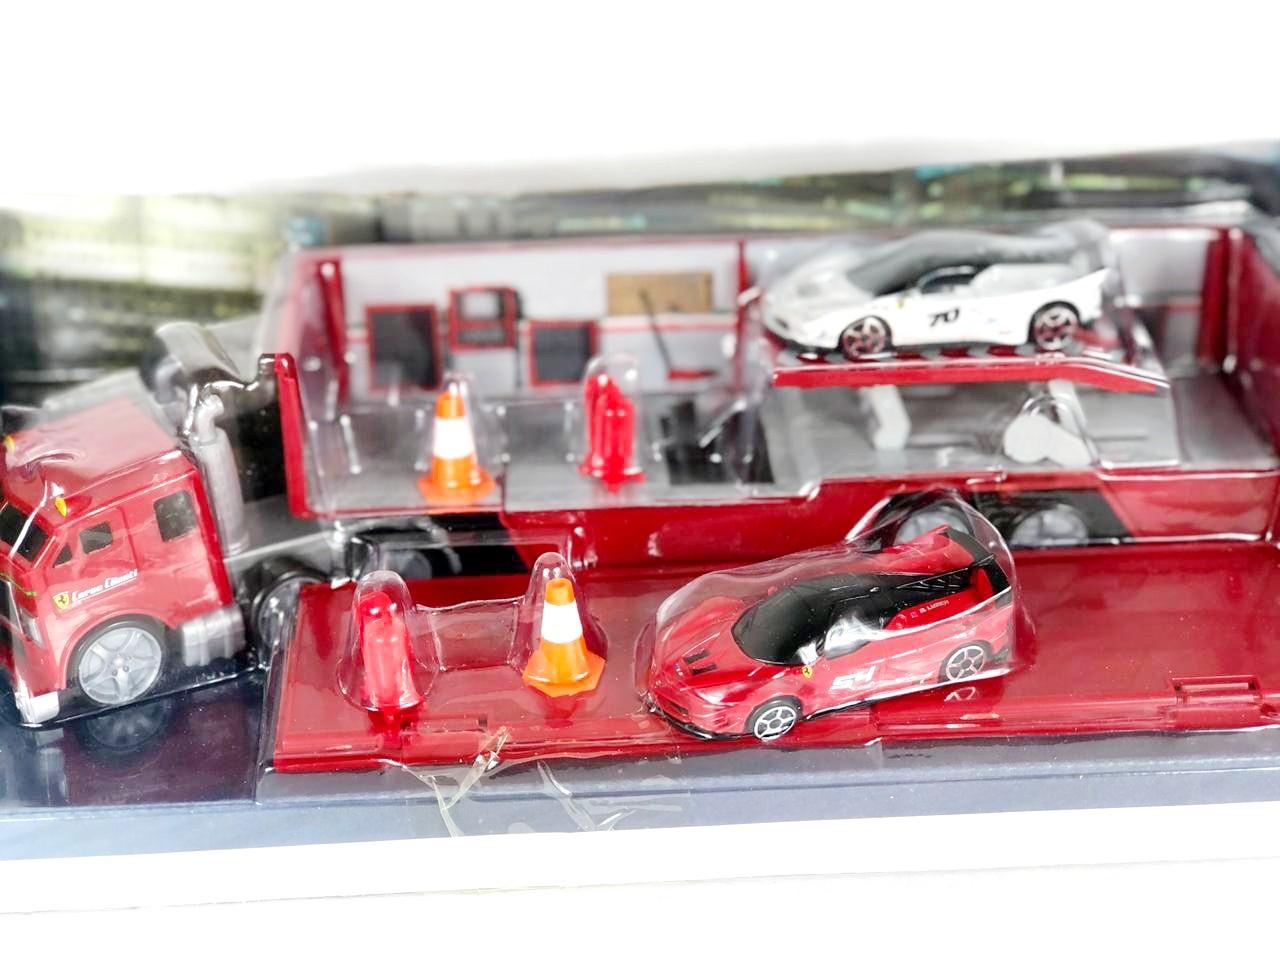 Miniatura Caminhão com Ferrari FXX-K Evo 1/64 Maisto